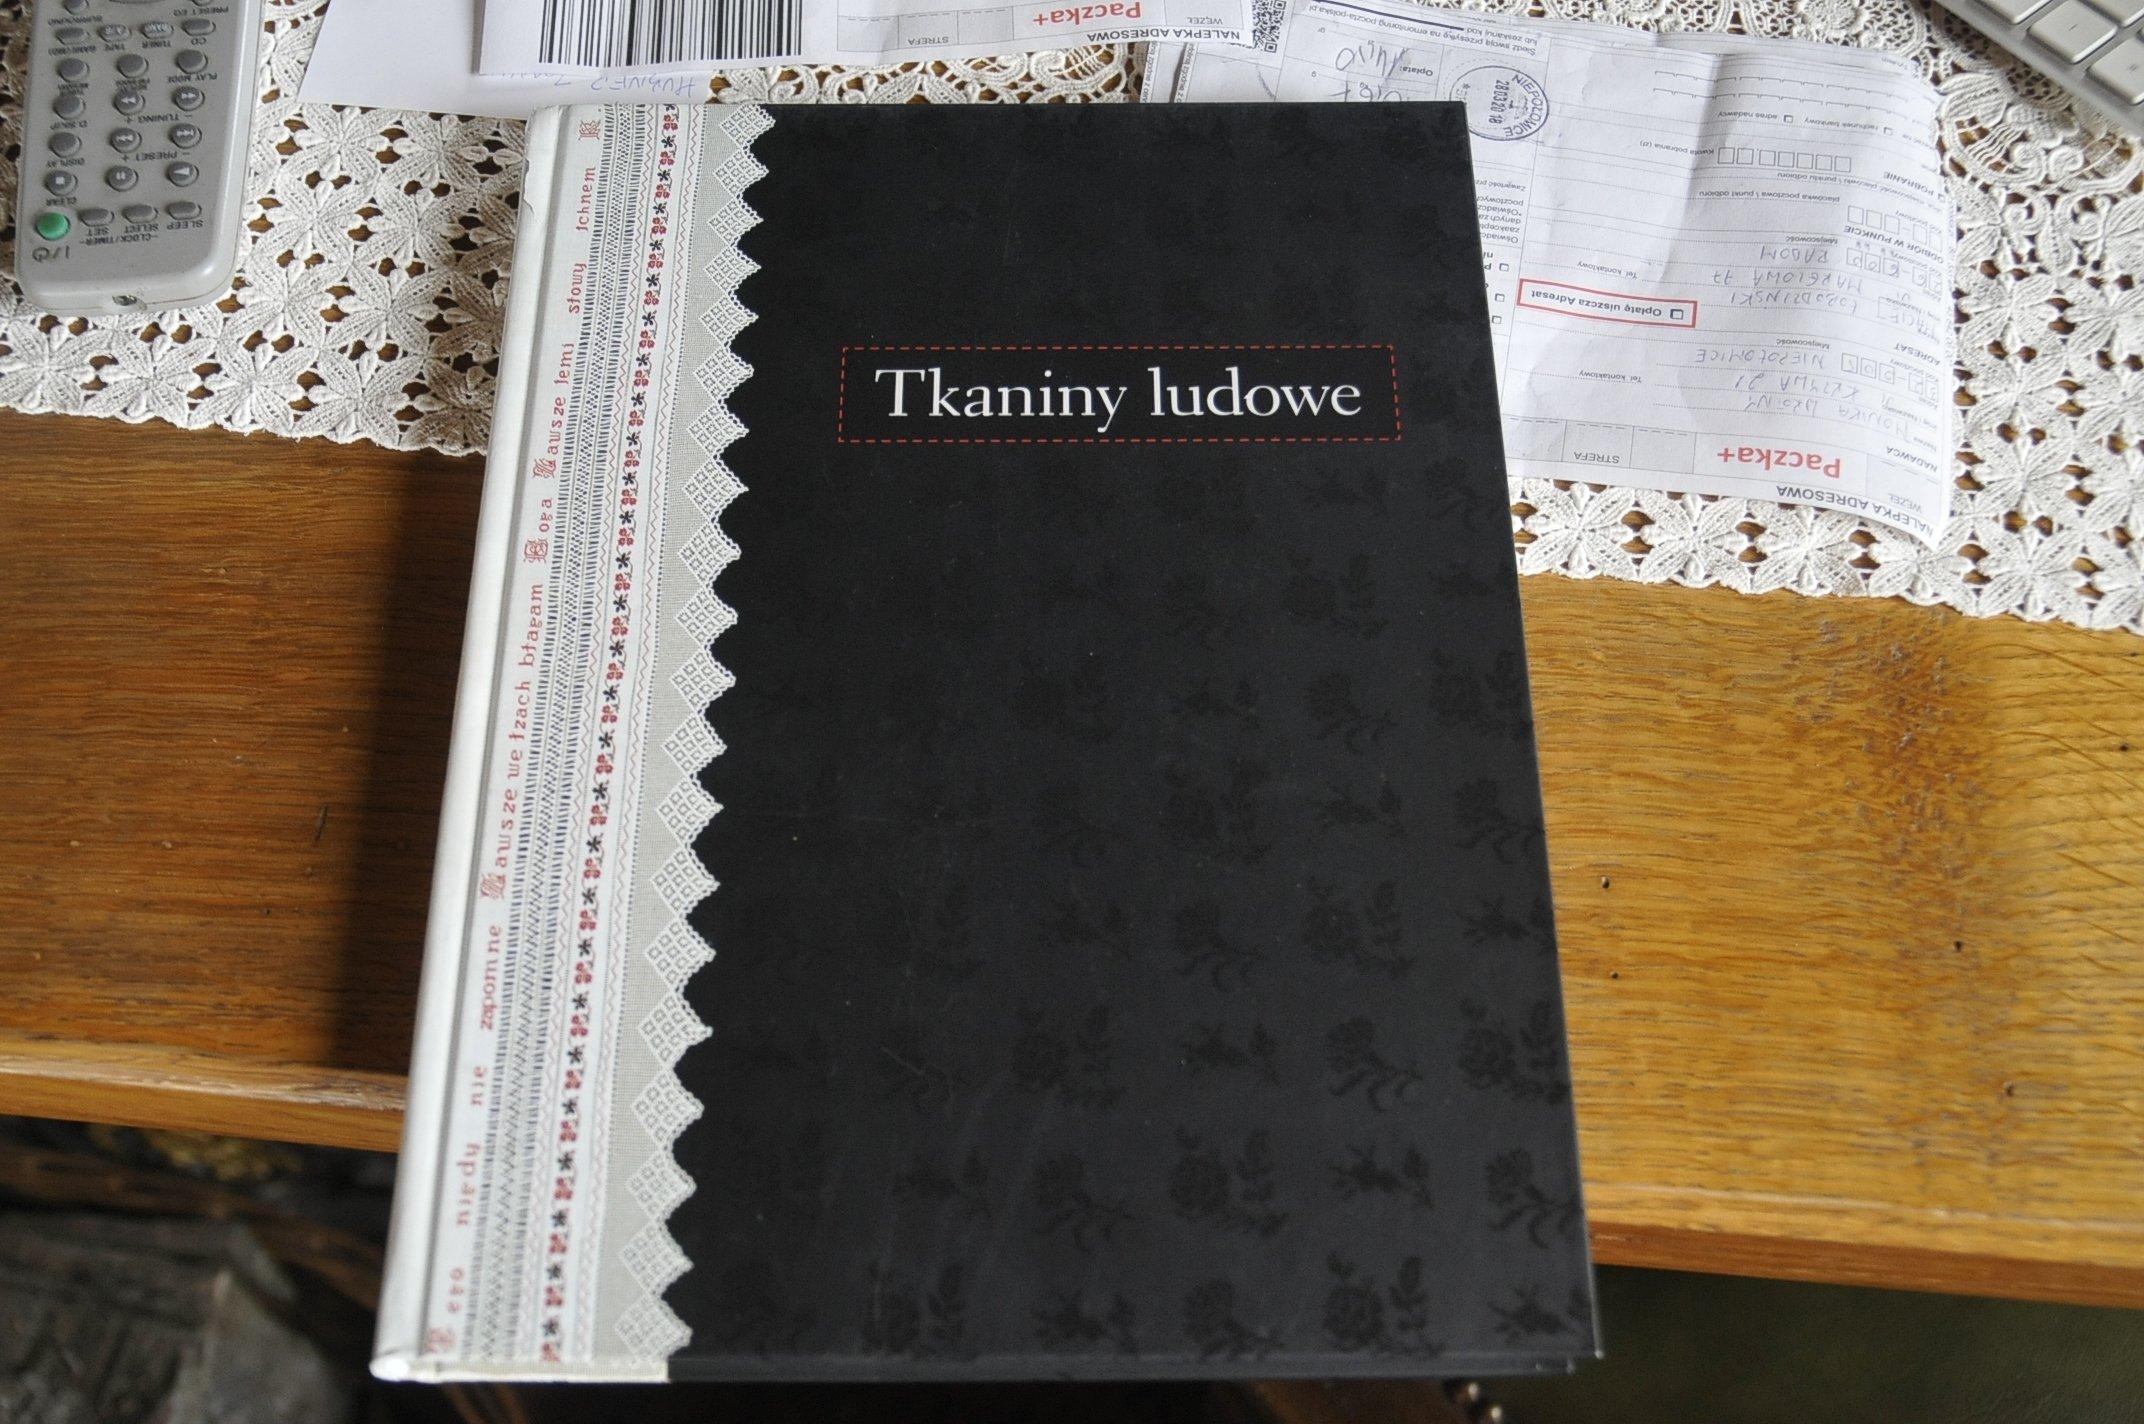 TKANINY LUDOWE === katalog wystawy MN we Wrocławiu